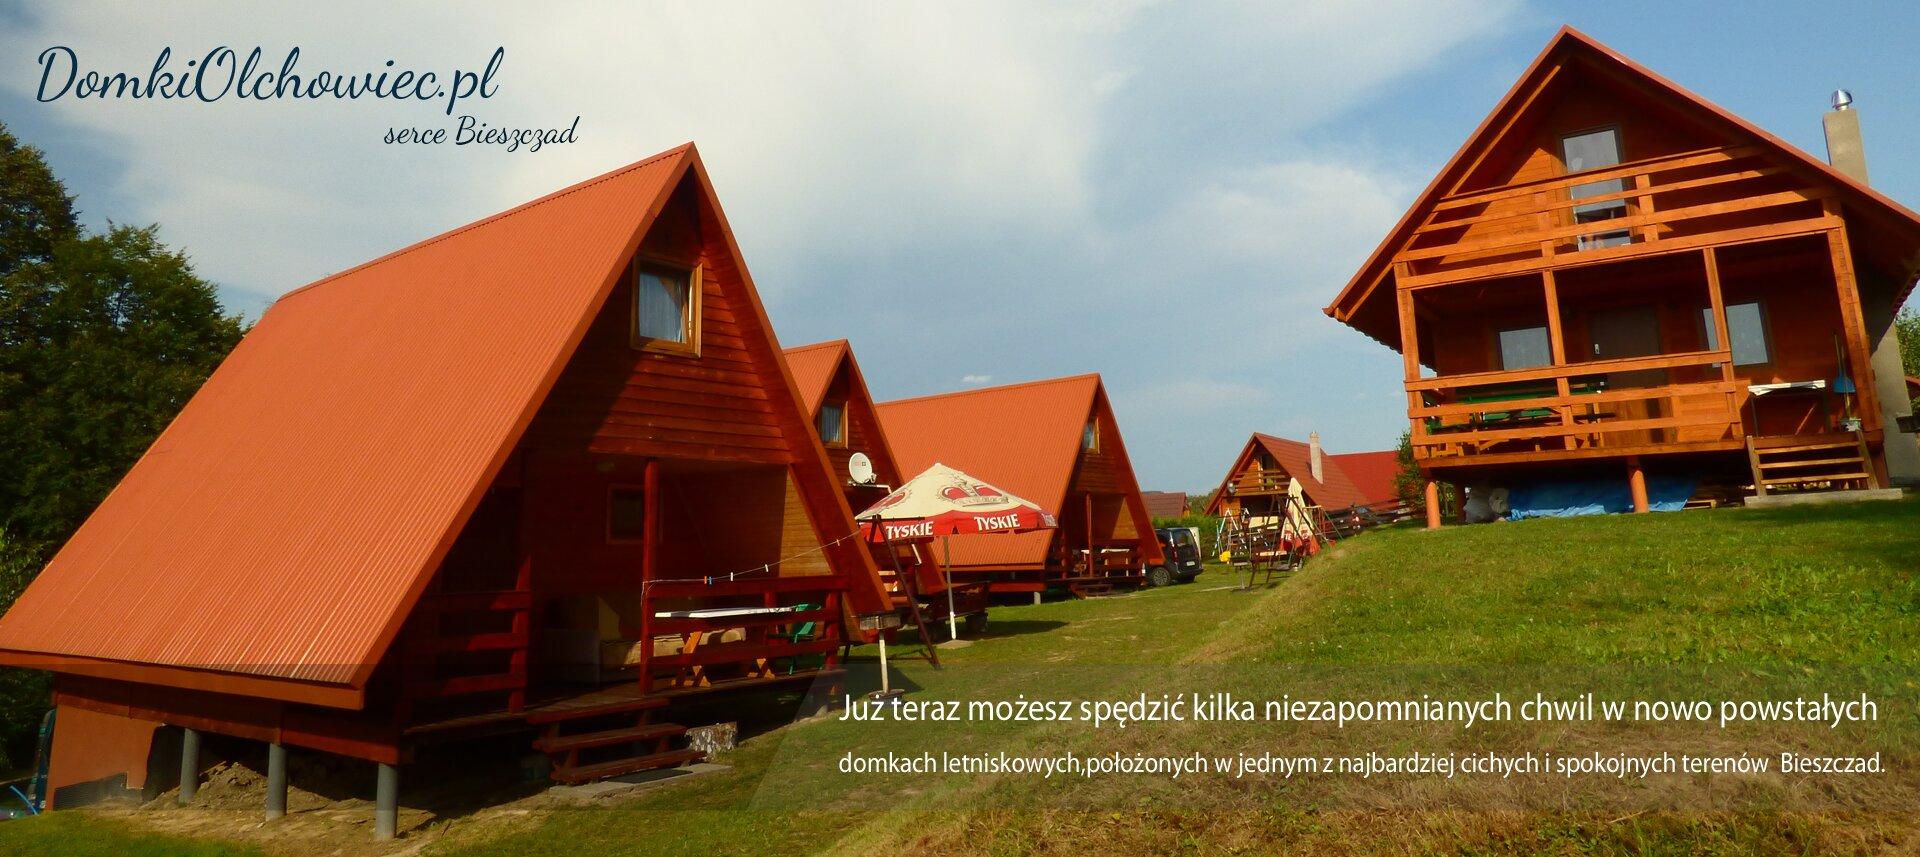 Wszystkie nowe Wynajem domków SOLINA - Domki Olchowiec - Domki na wynajem w PW42